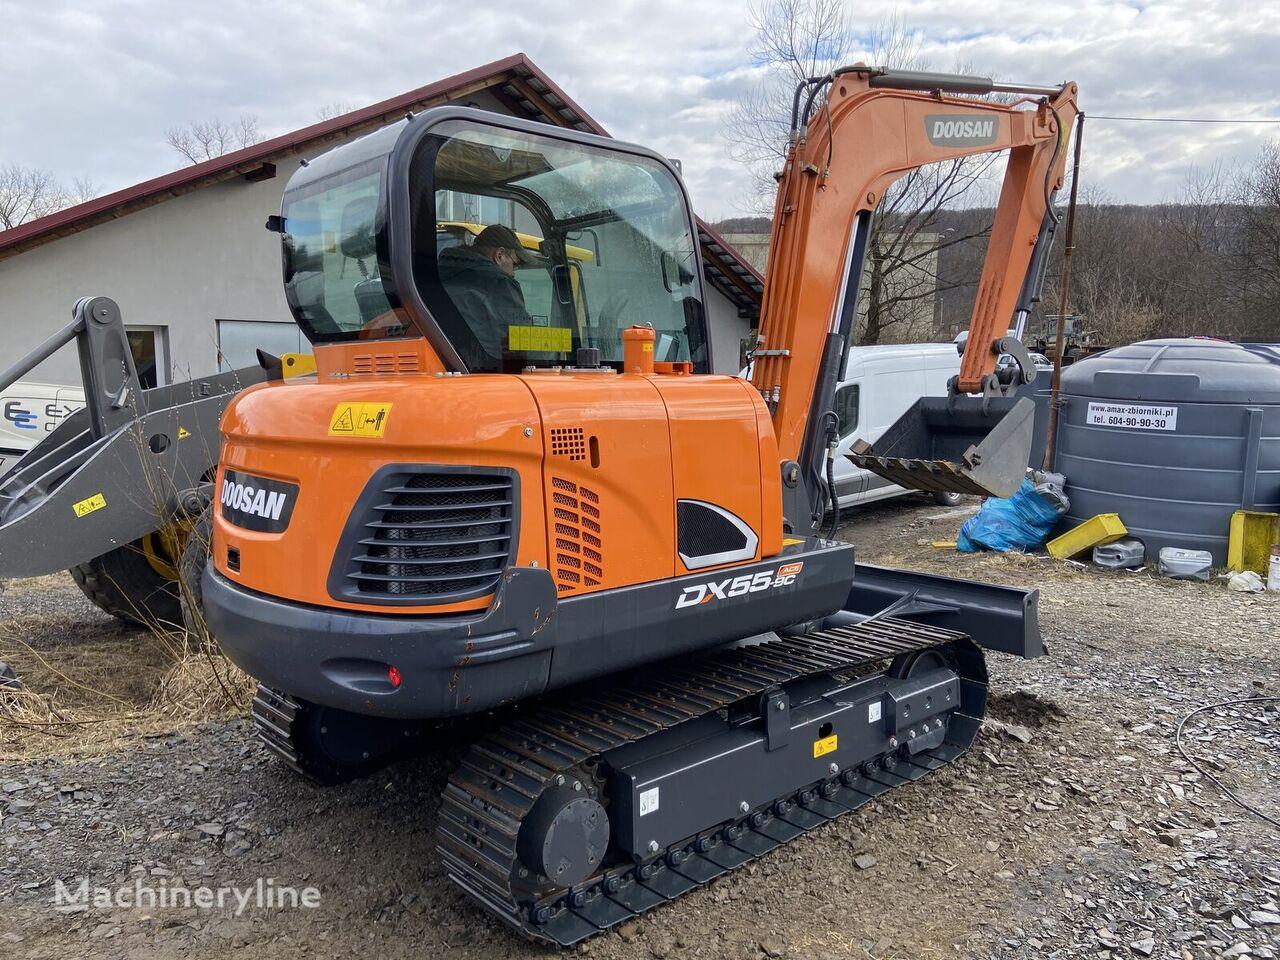 new DOOSAN DX55-9C fabrycznie nowa !!! mini excavator